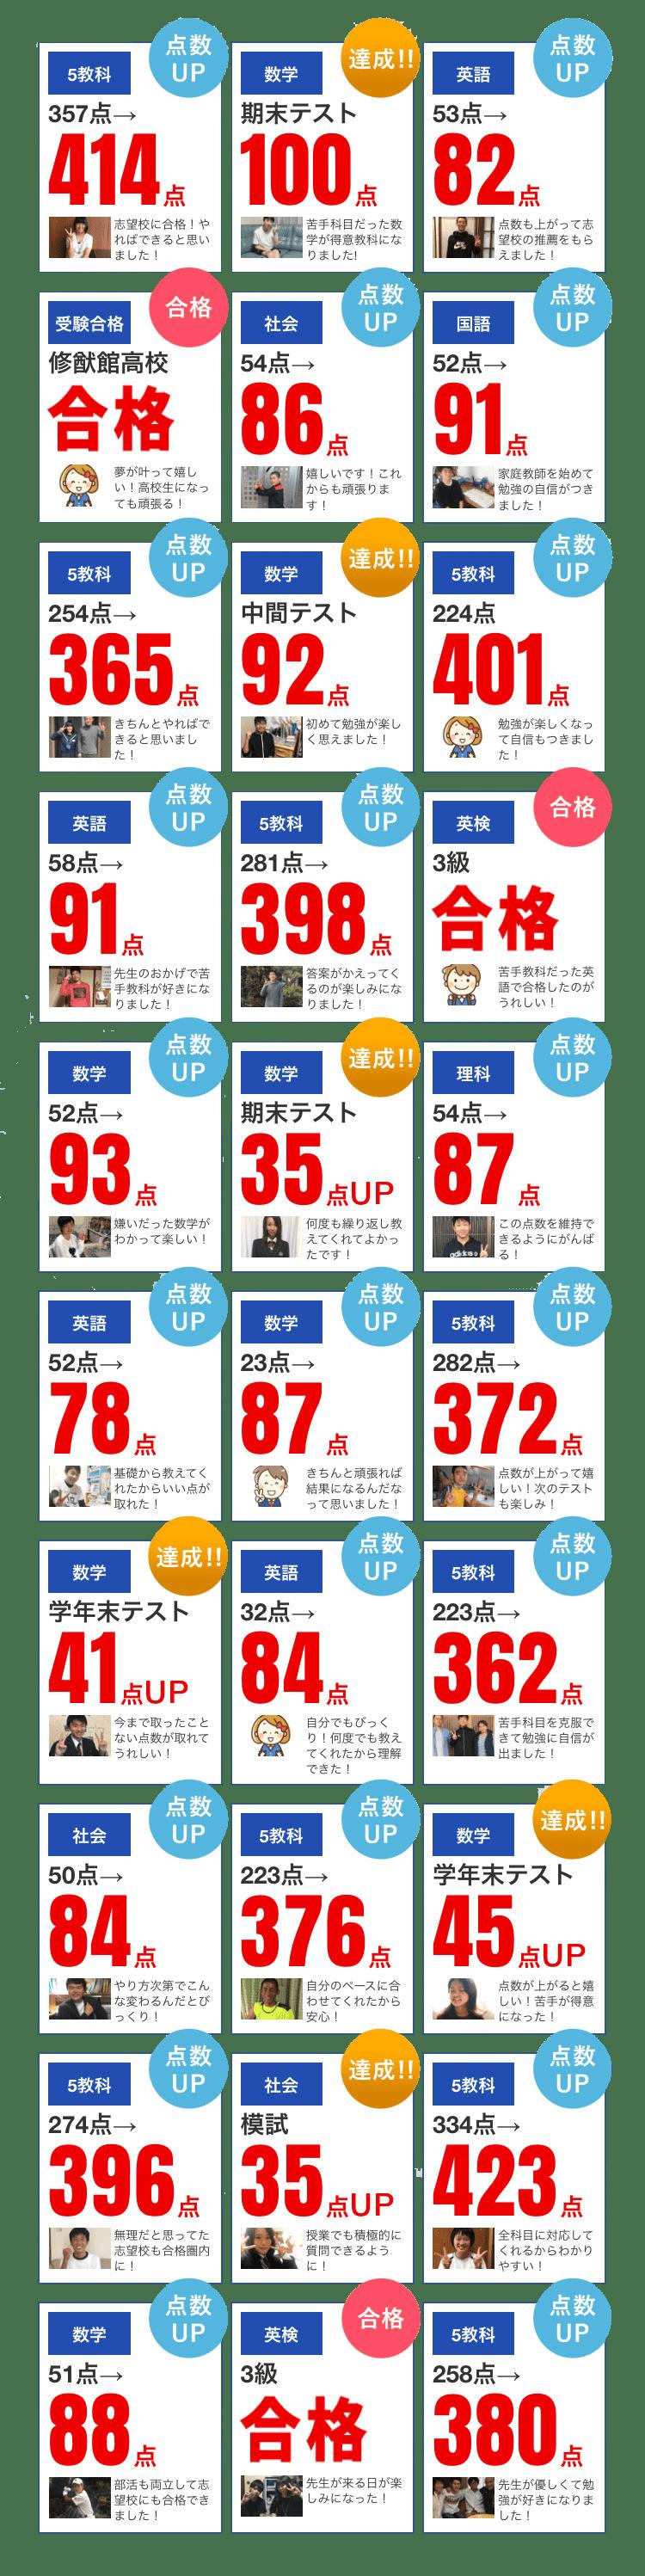 太宰府市で多くのお子様が成績アップを実現!状況や必要に応じたオーダーメイドのカリキュラムと完全マンツーマン指導!